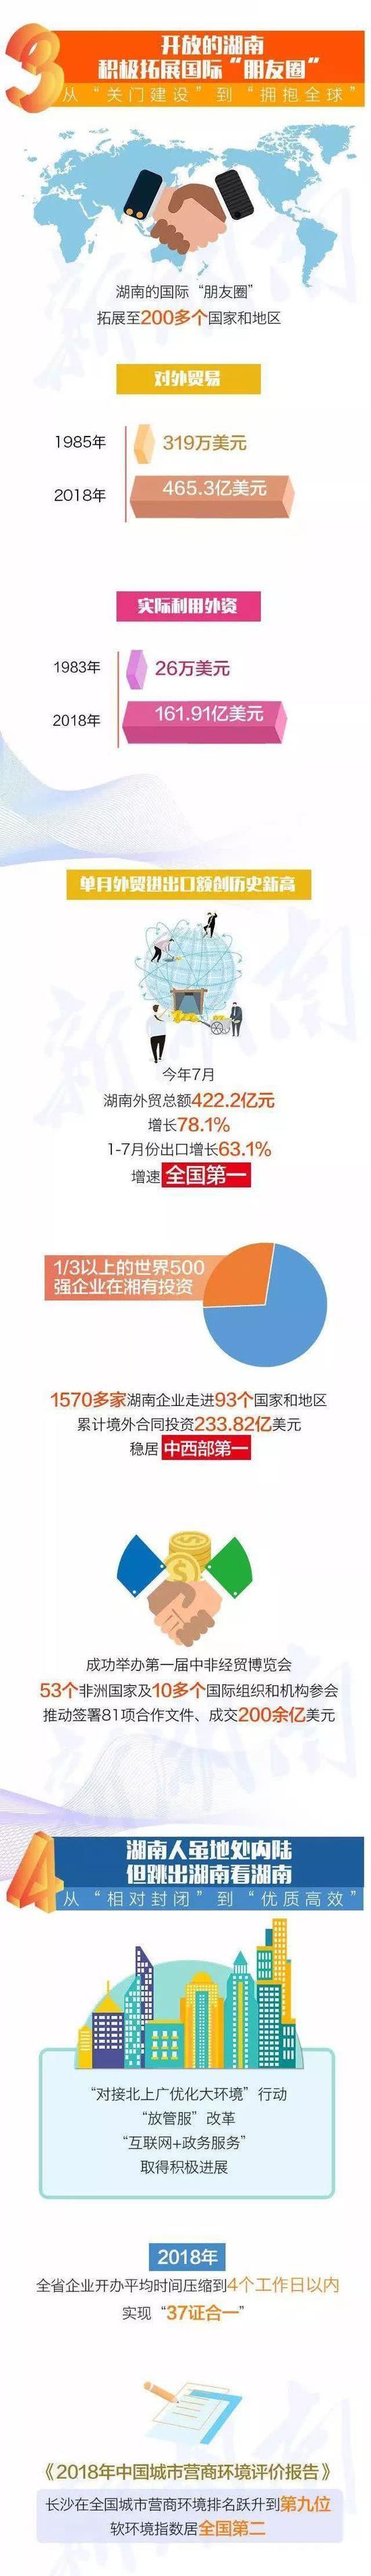 (图片来源:湖南日报新媒体)